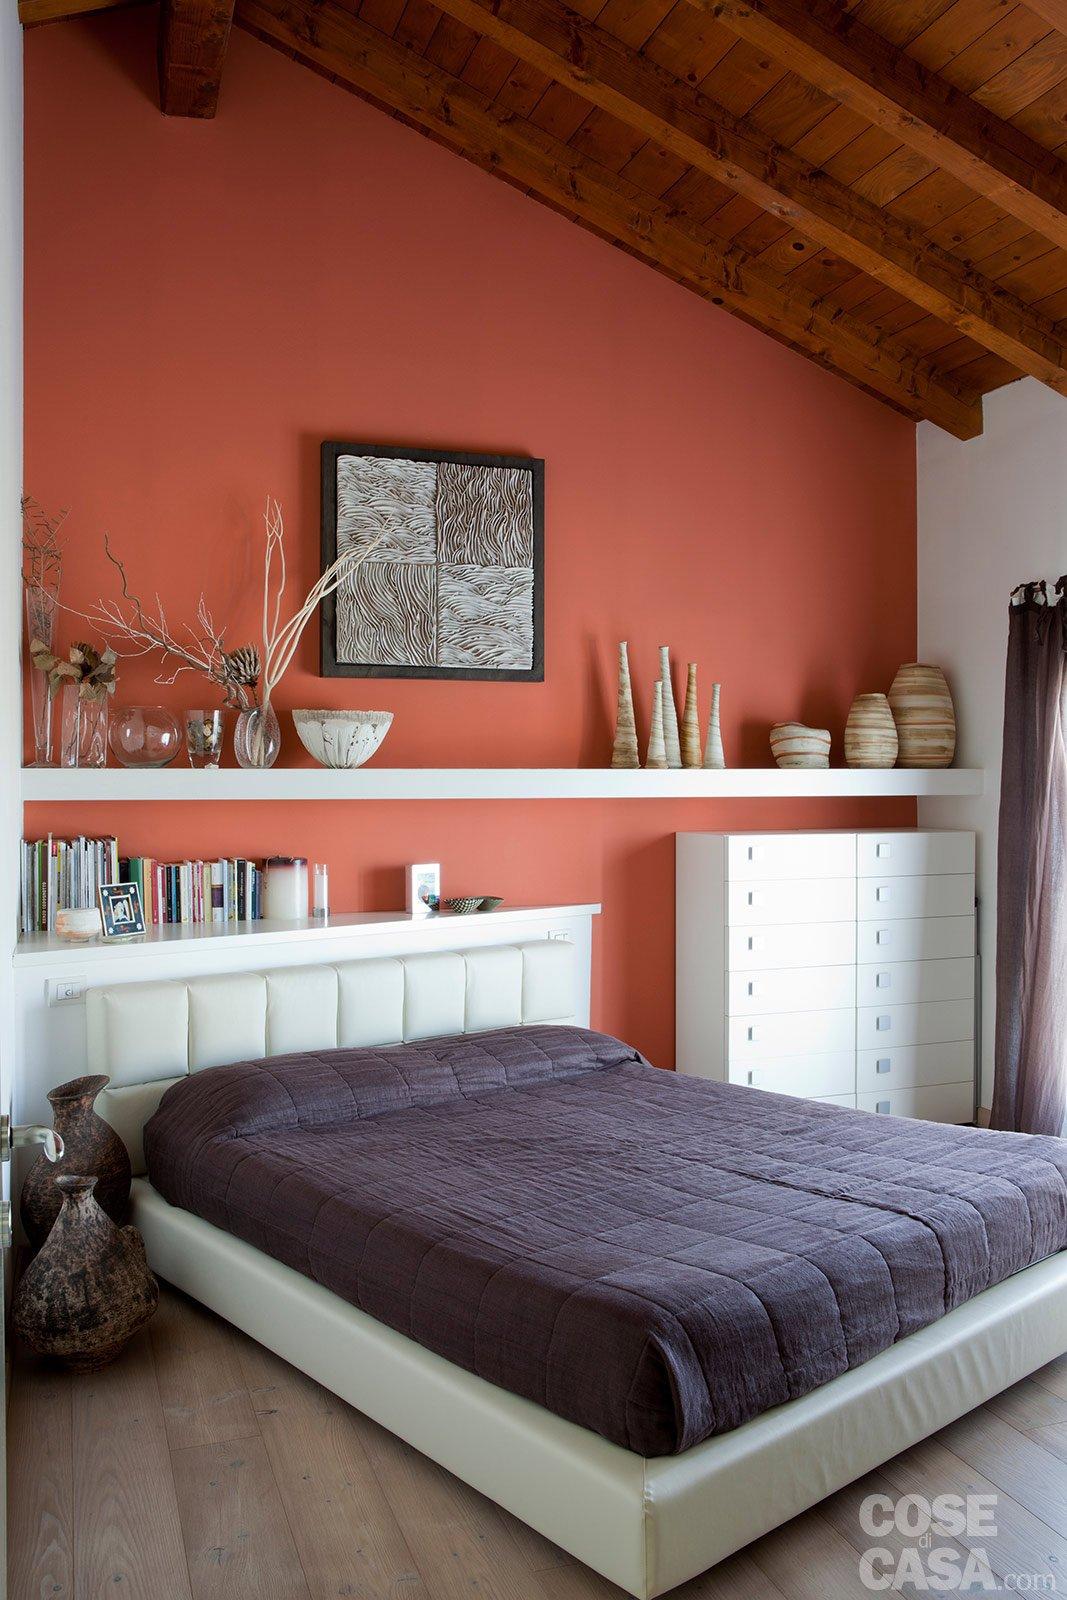 Idee parete dietro letto: decora la parete dietro al letto secondo ...